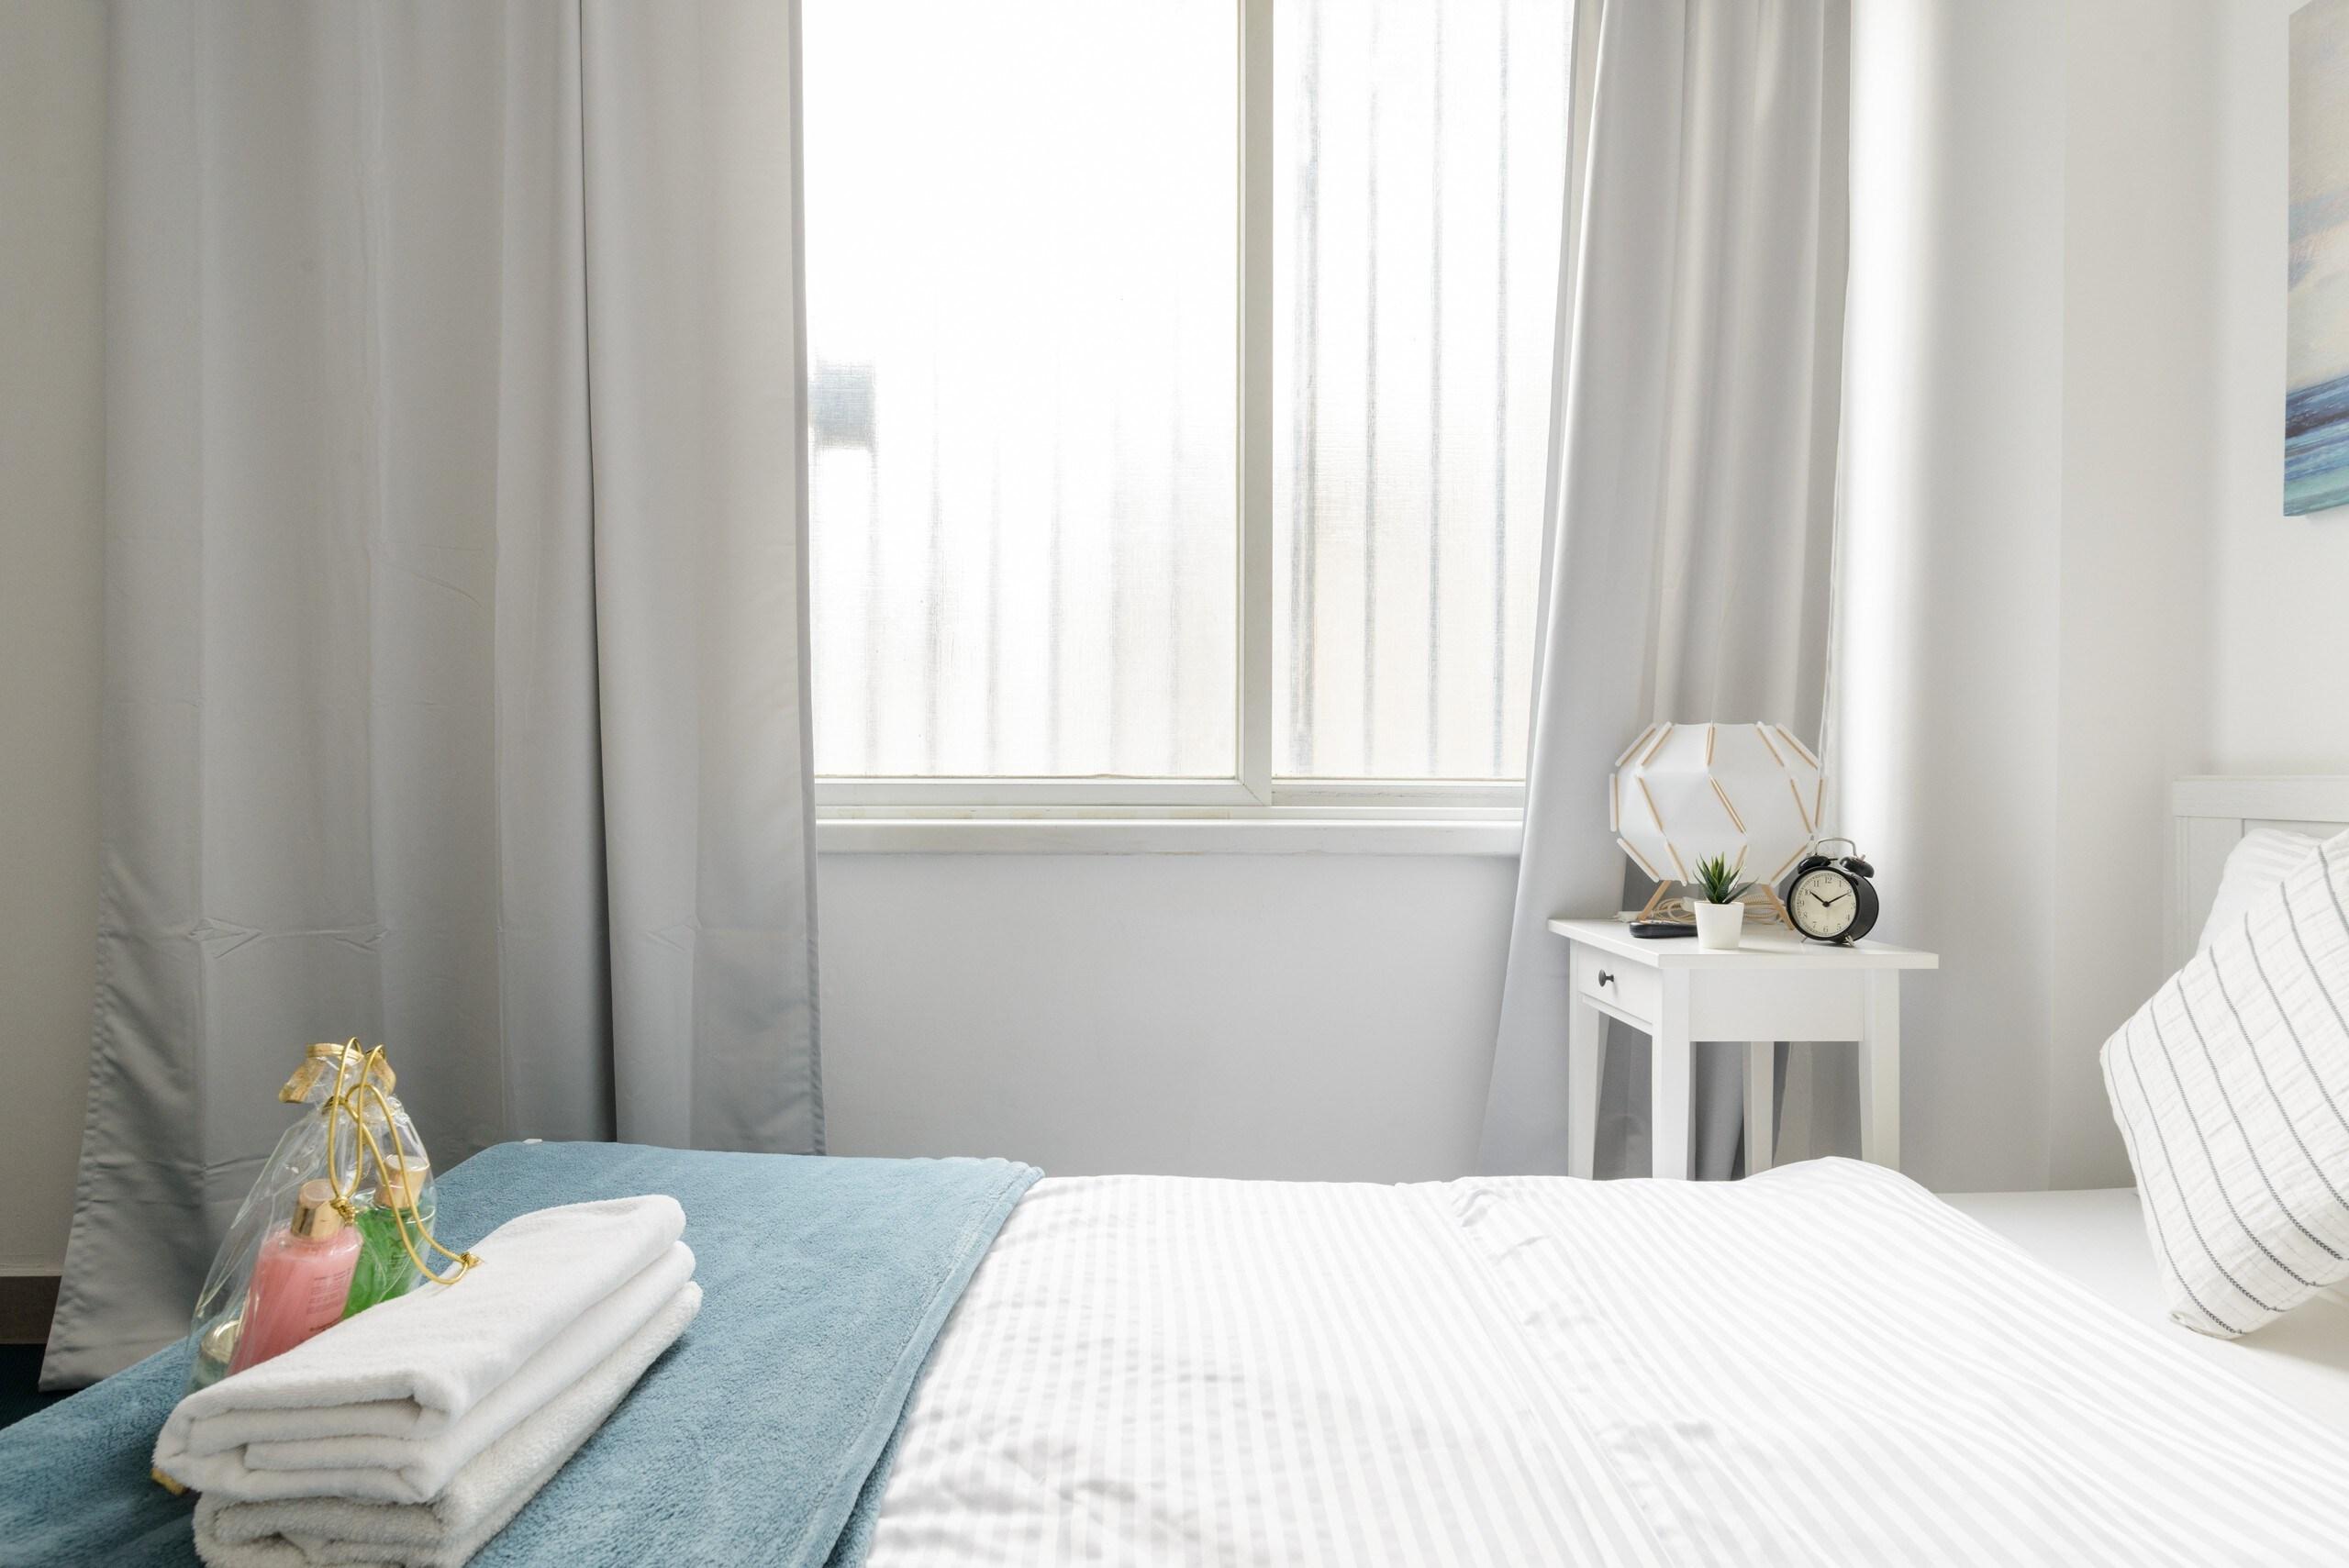 Apartment Sea View 2 bedroom apartment next to Hilton beach photo 21105497